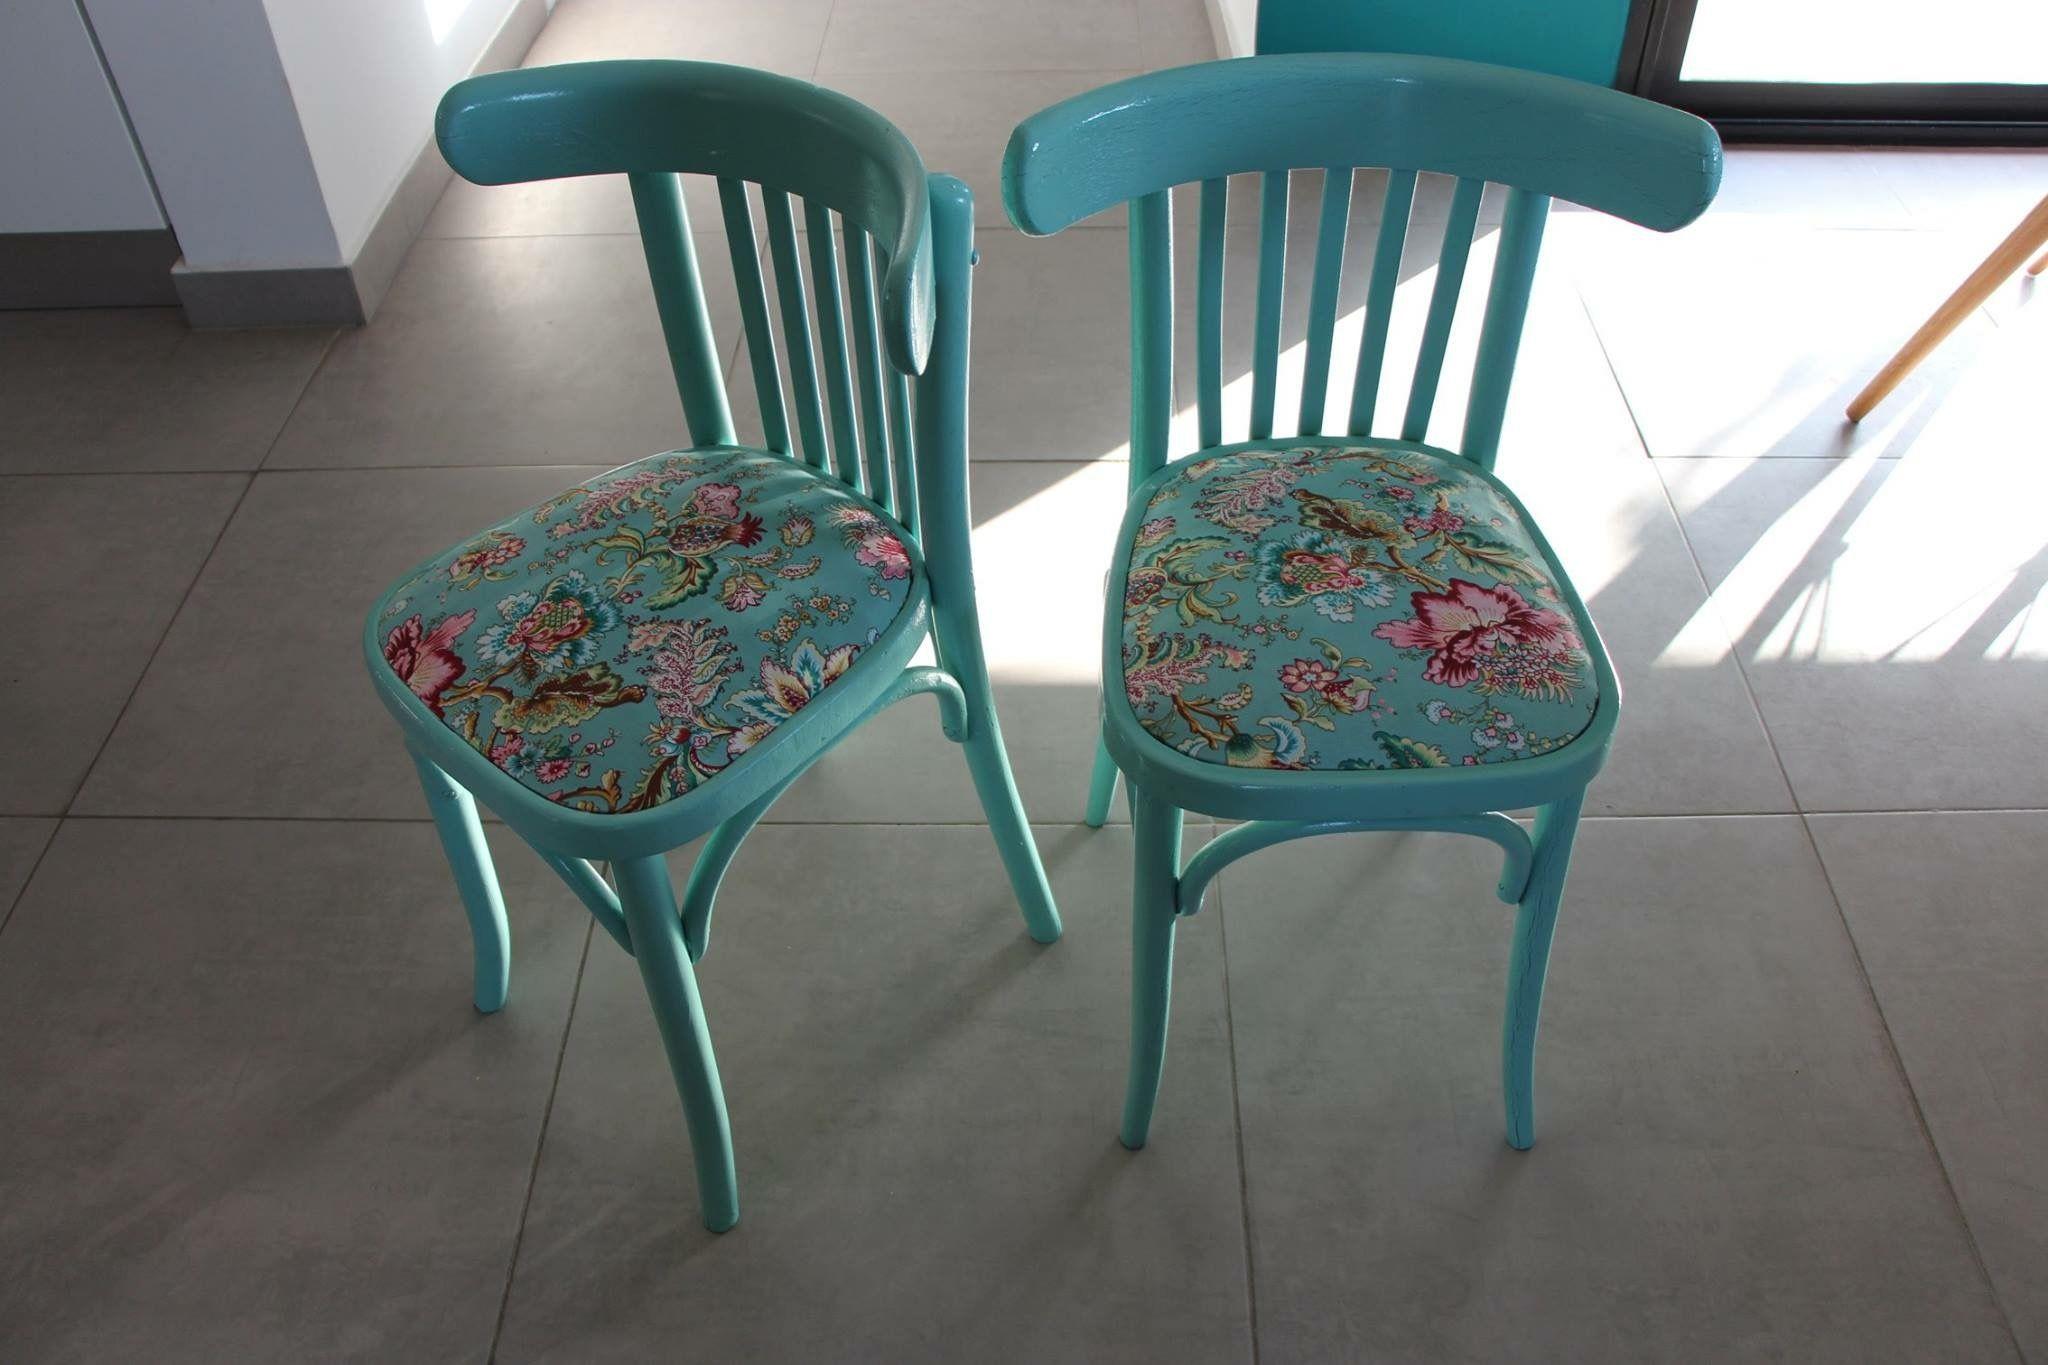 Chaise bistrot mint tendance fraicheur été diy handmade